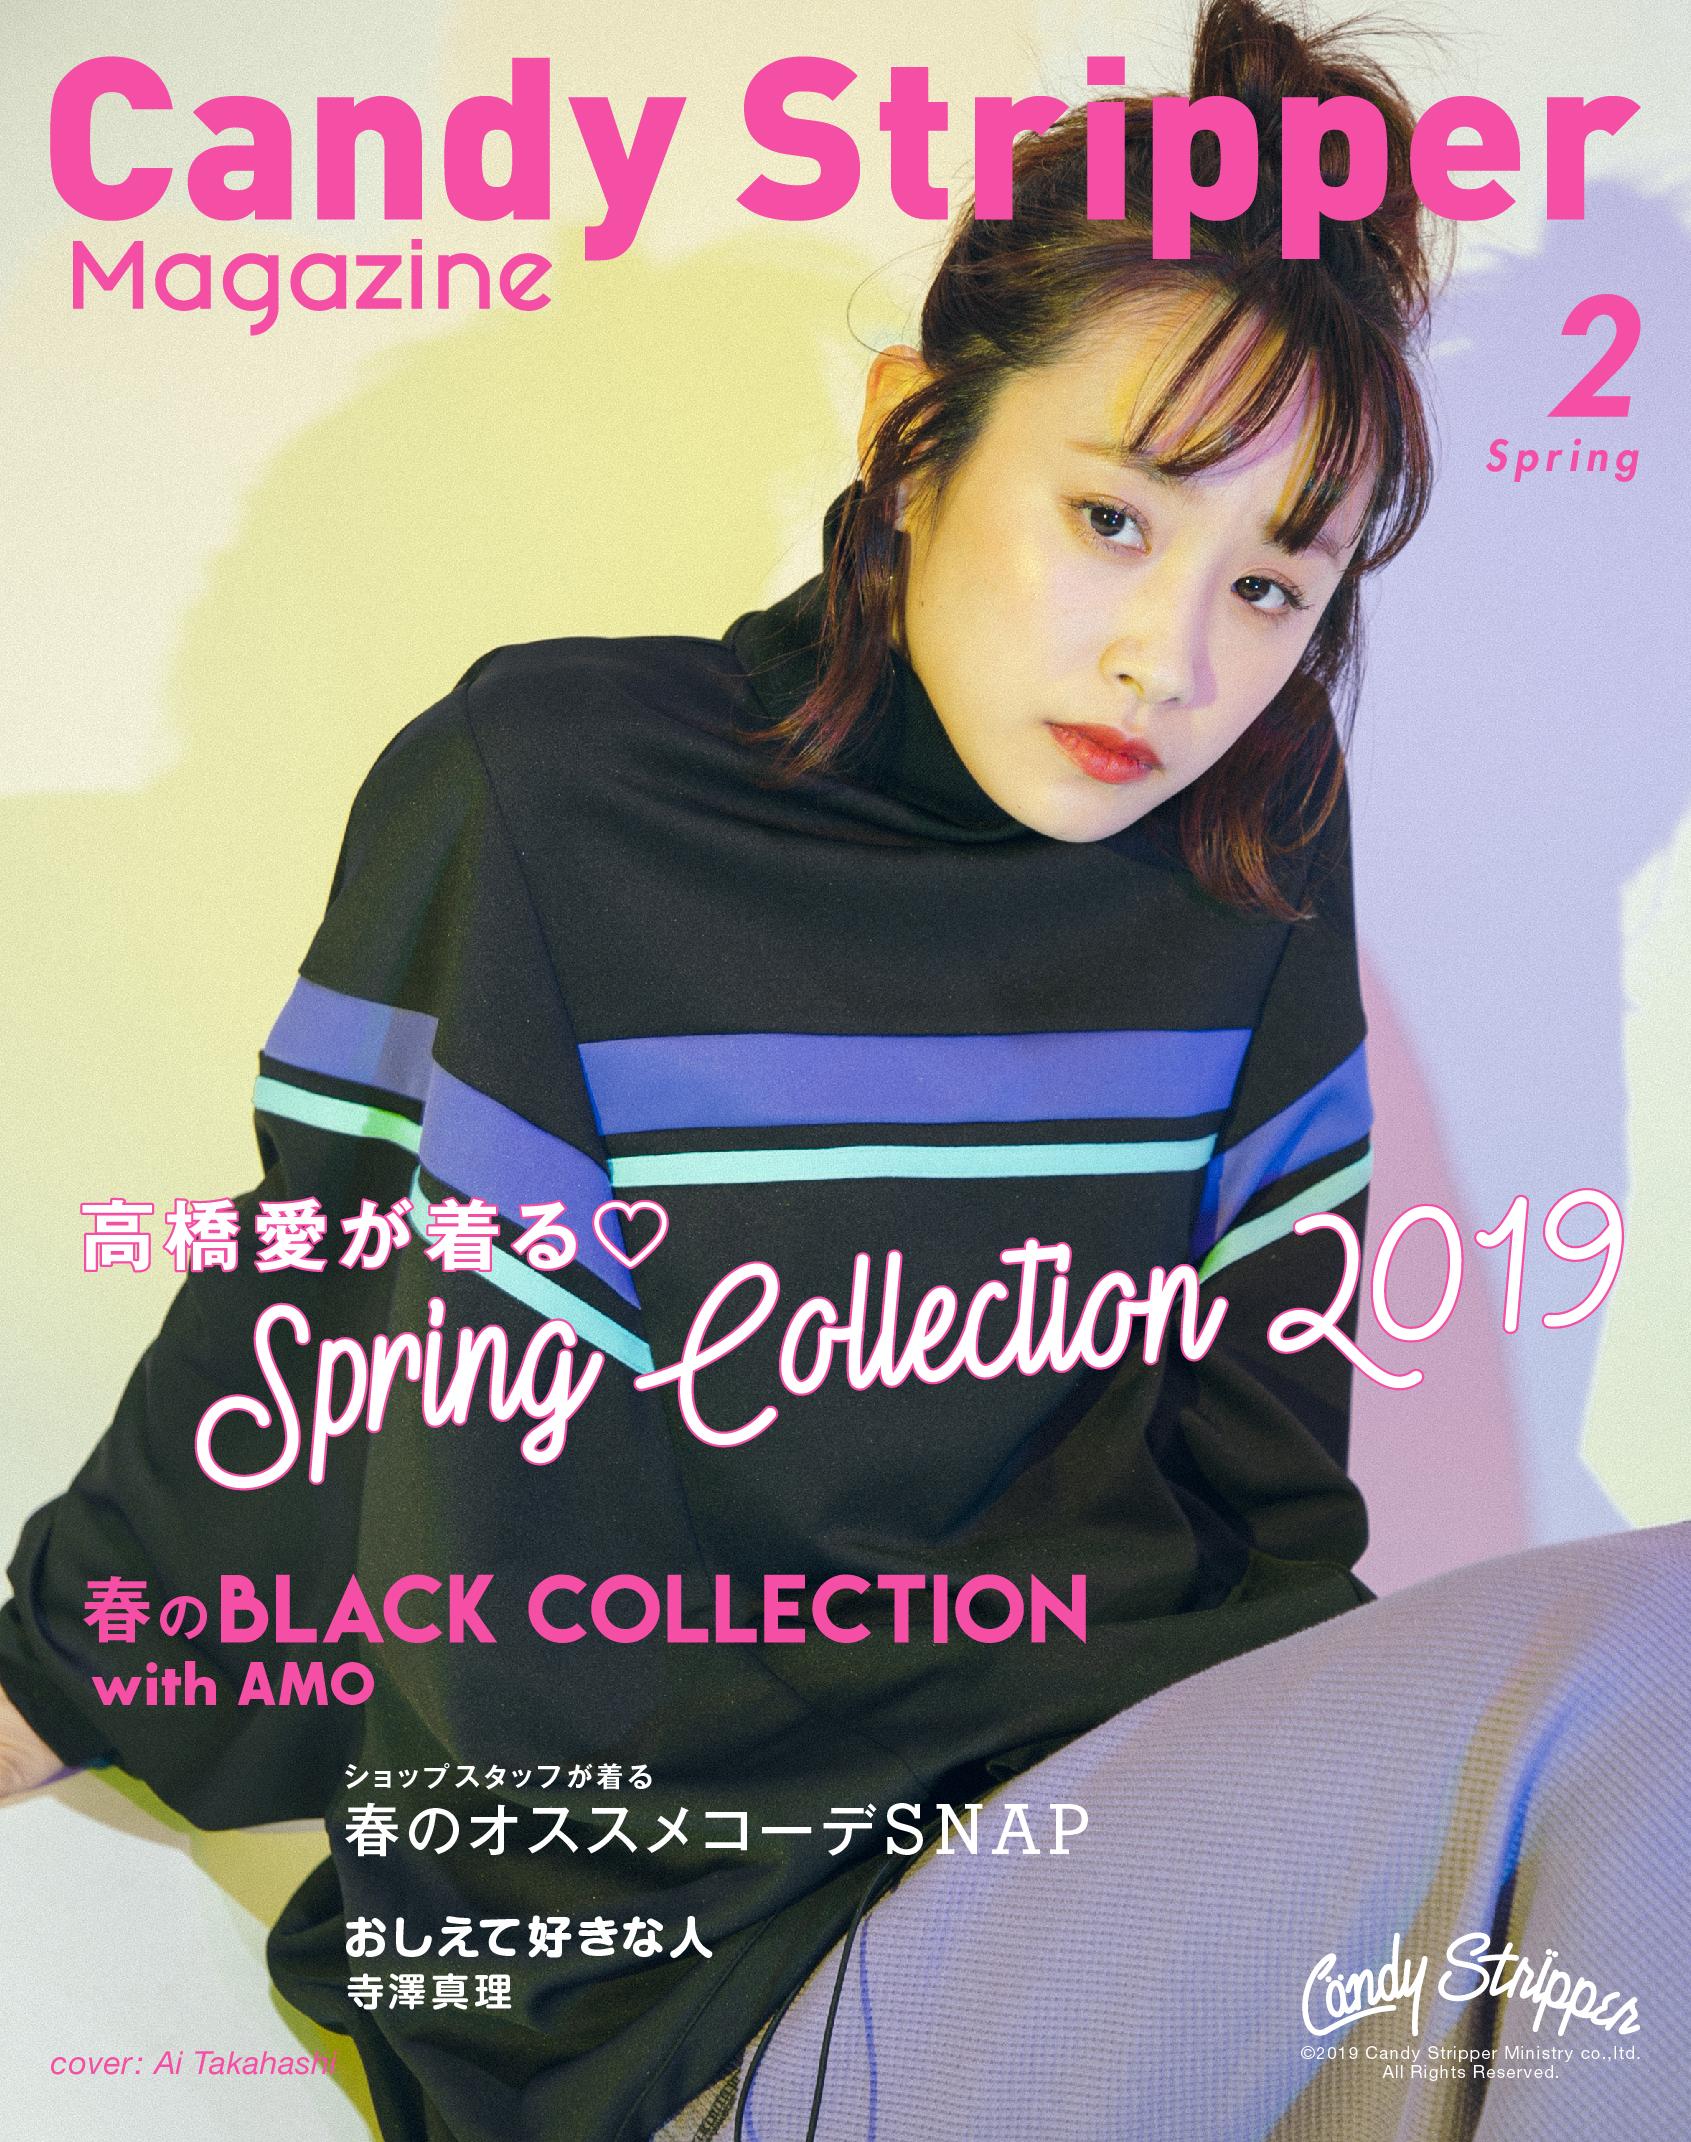 春の新作COLLECTION NAVI with 高橋 愛